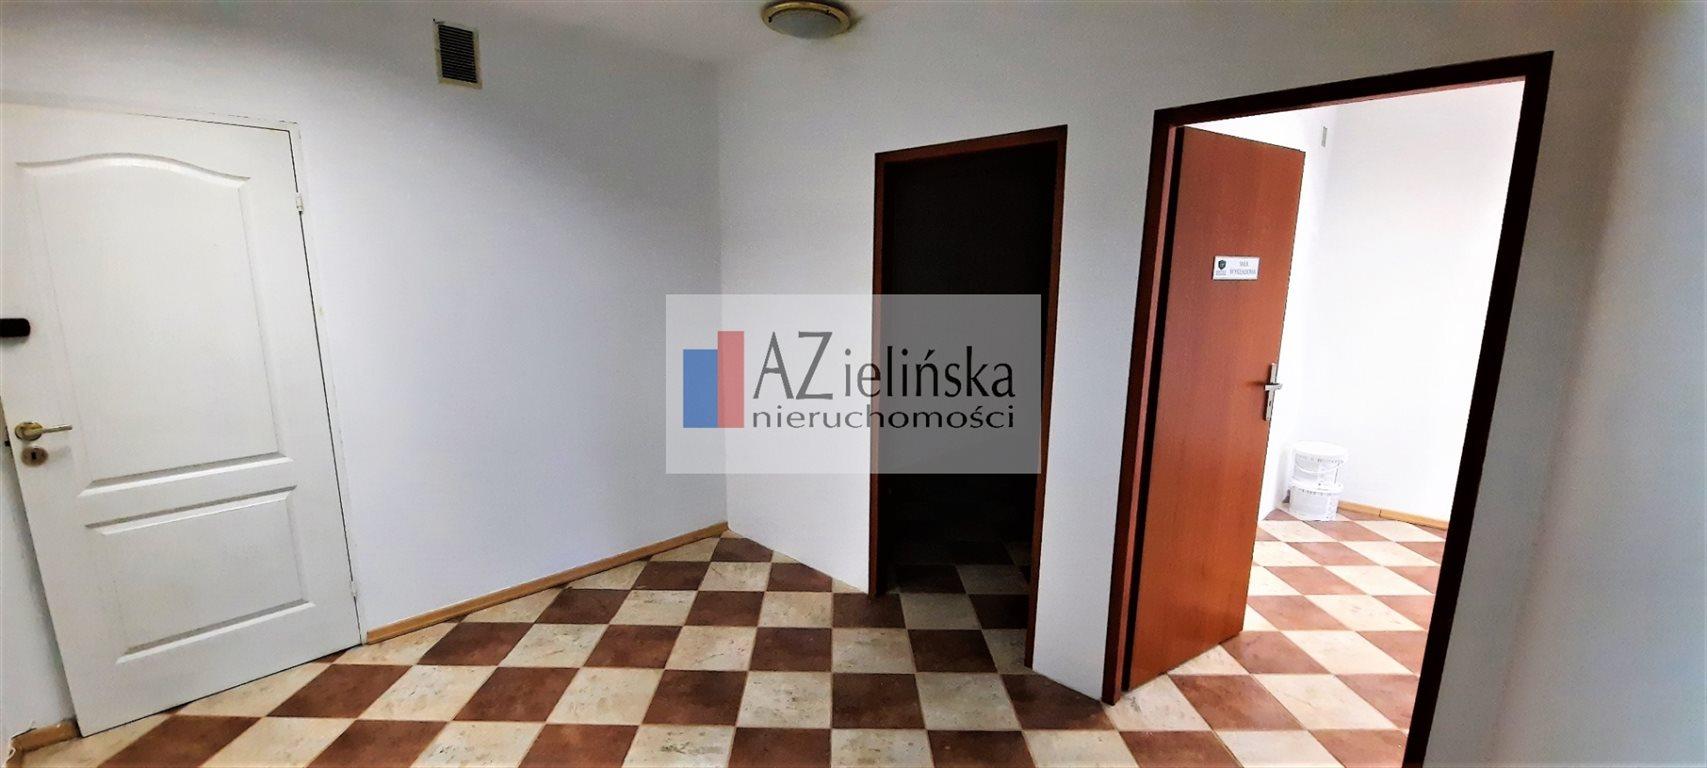 Mieszkanie dwupokojowe na wynajem Suchy Las, Obornicka  58m2 Foto 5